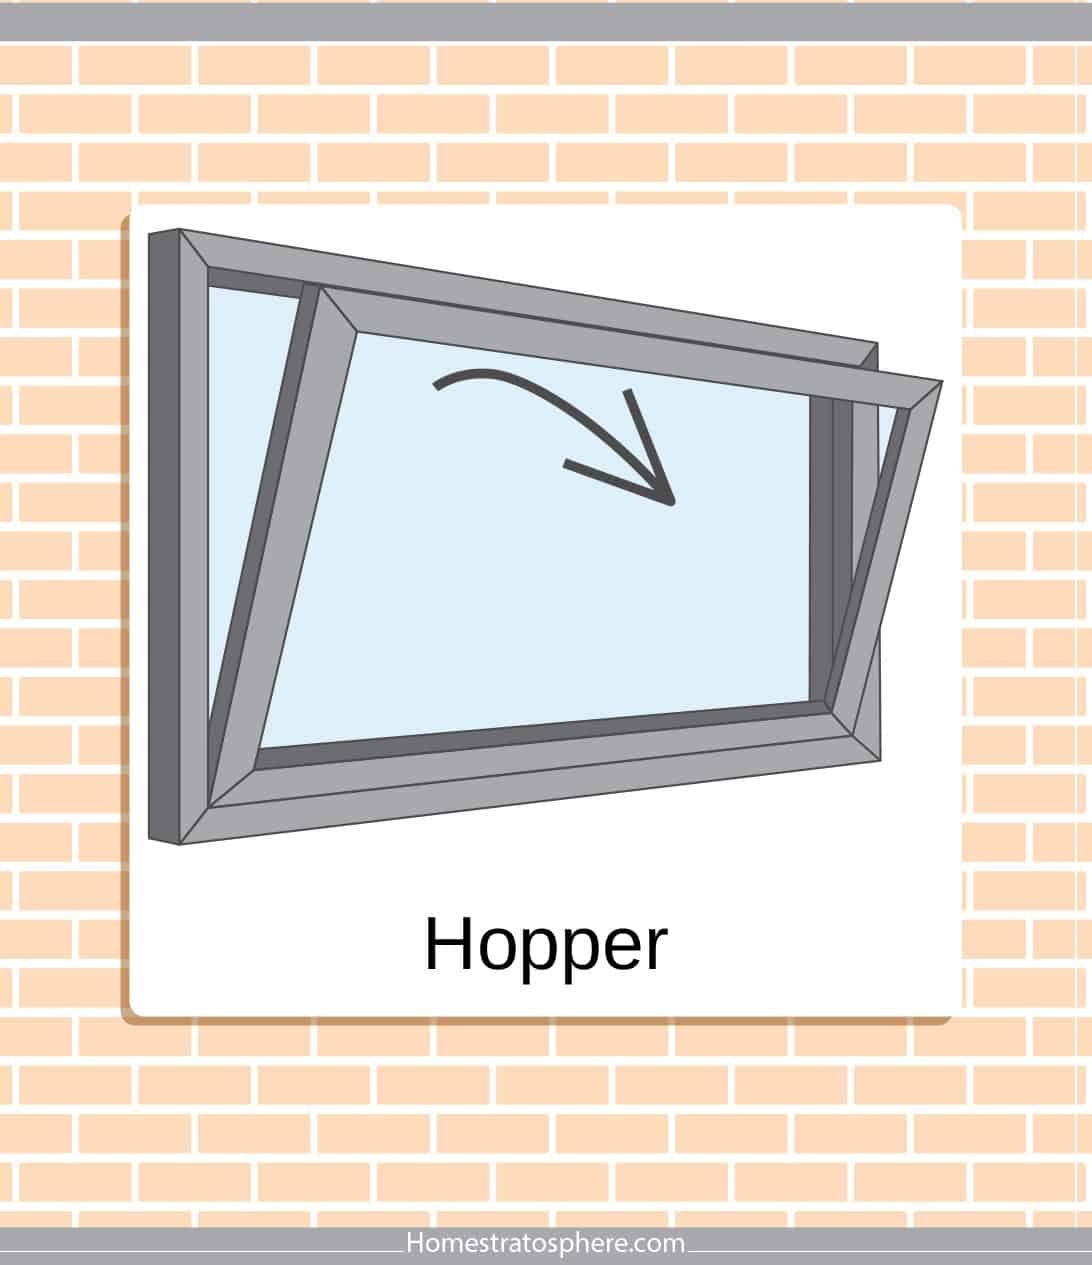 Hopper window style